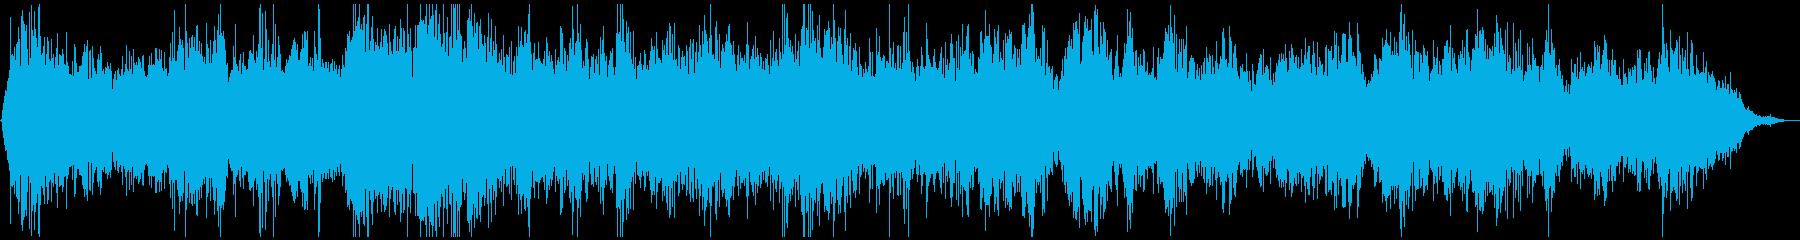 イメージ ゴロゴロ水01の再生済みの波形